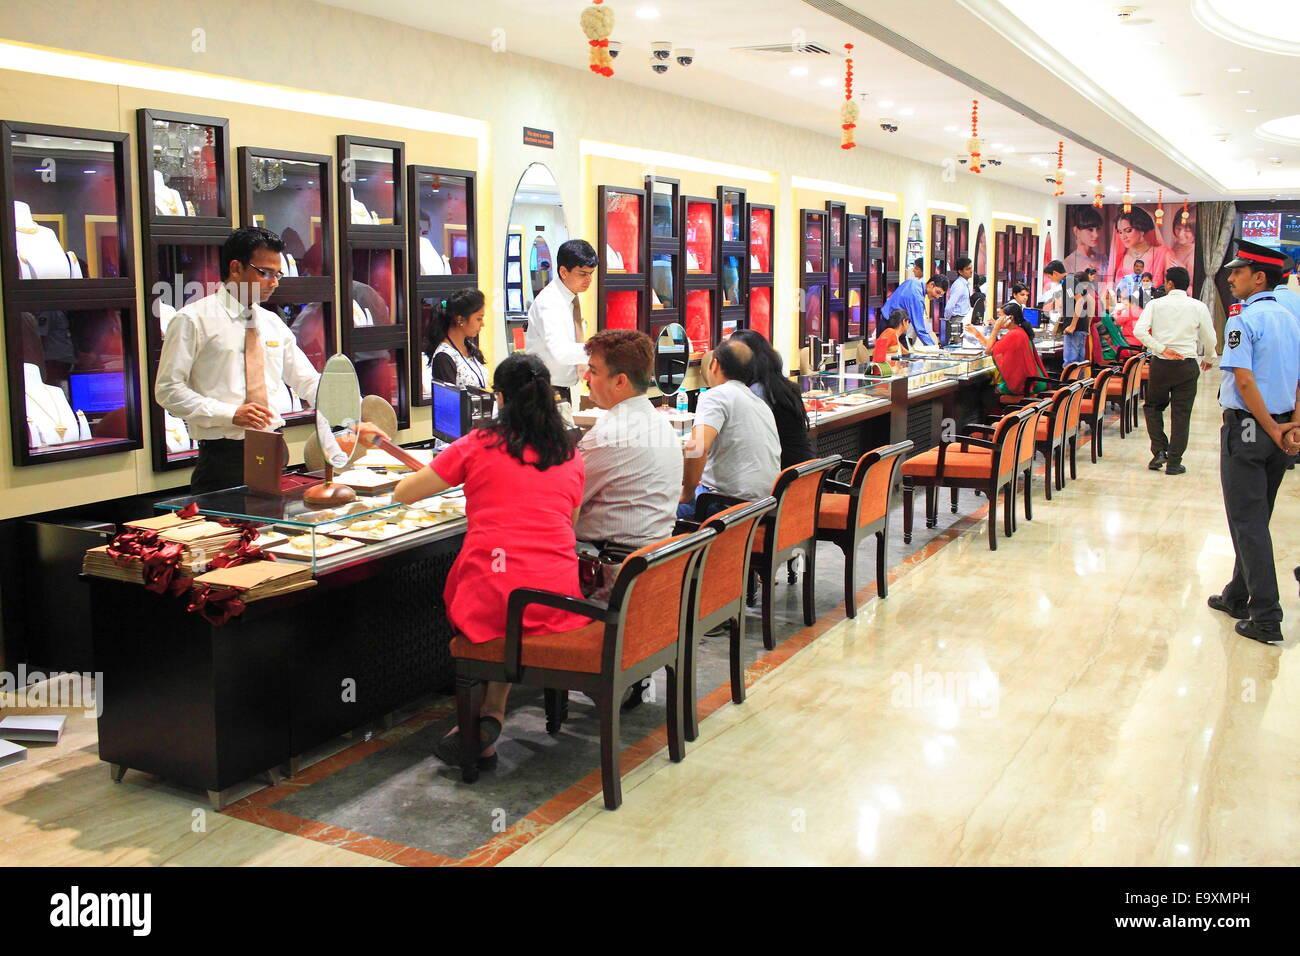 3842b7bb88853 Mumbai, India. 21st Oct, 2014. Customers buying Gold Jewelry at ...